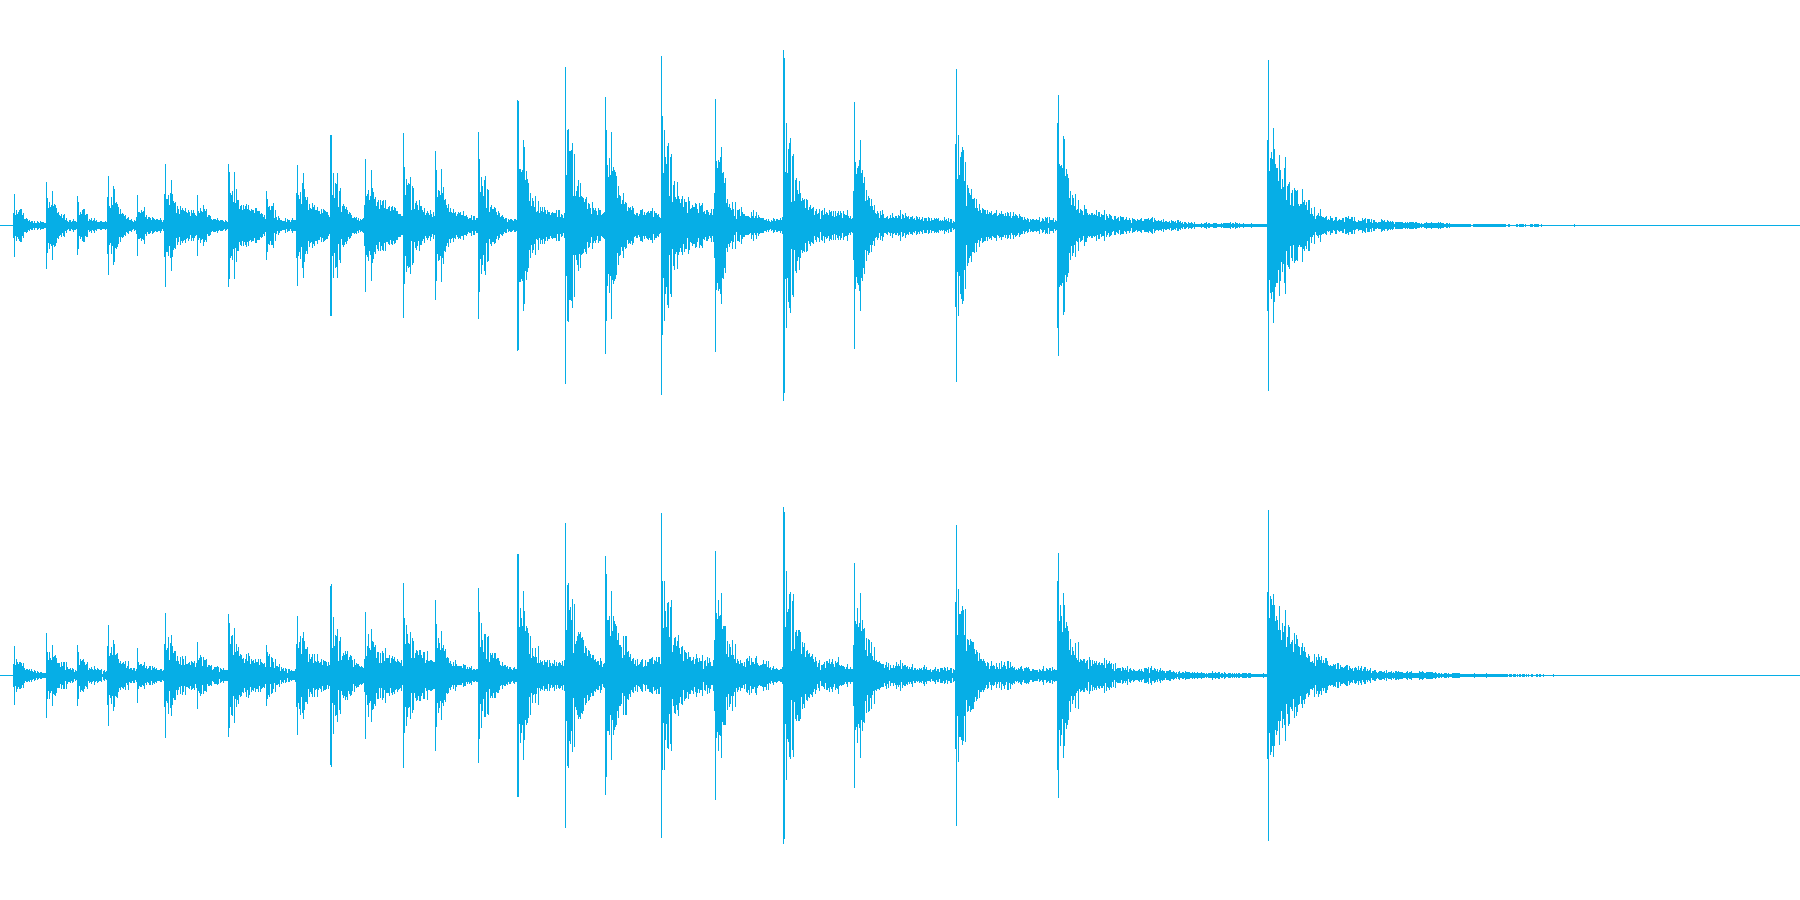 和太鼓の締太鼓のフレーズ音+FXの再生済みの波形